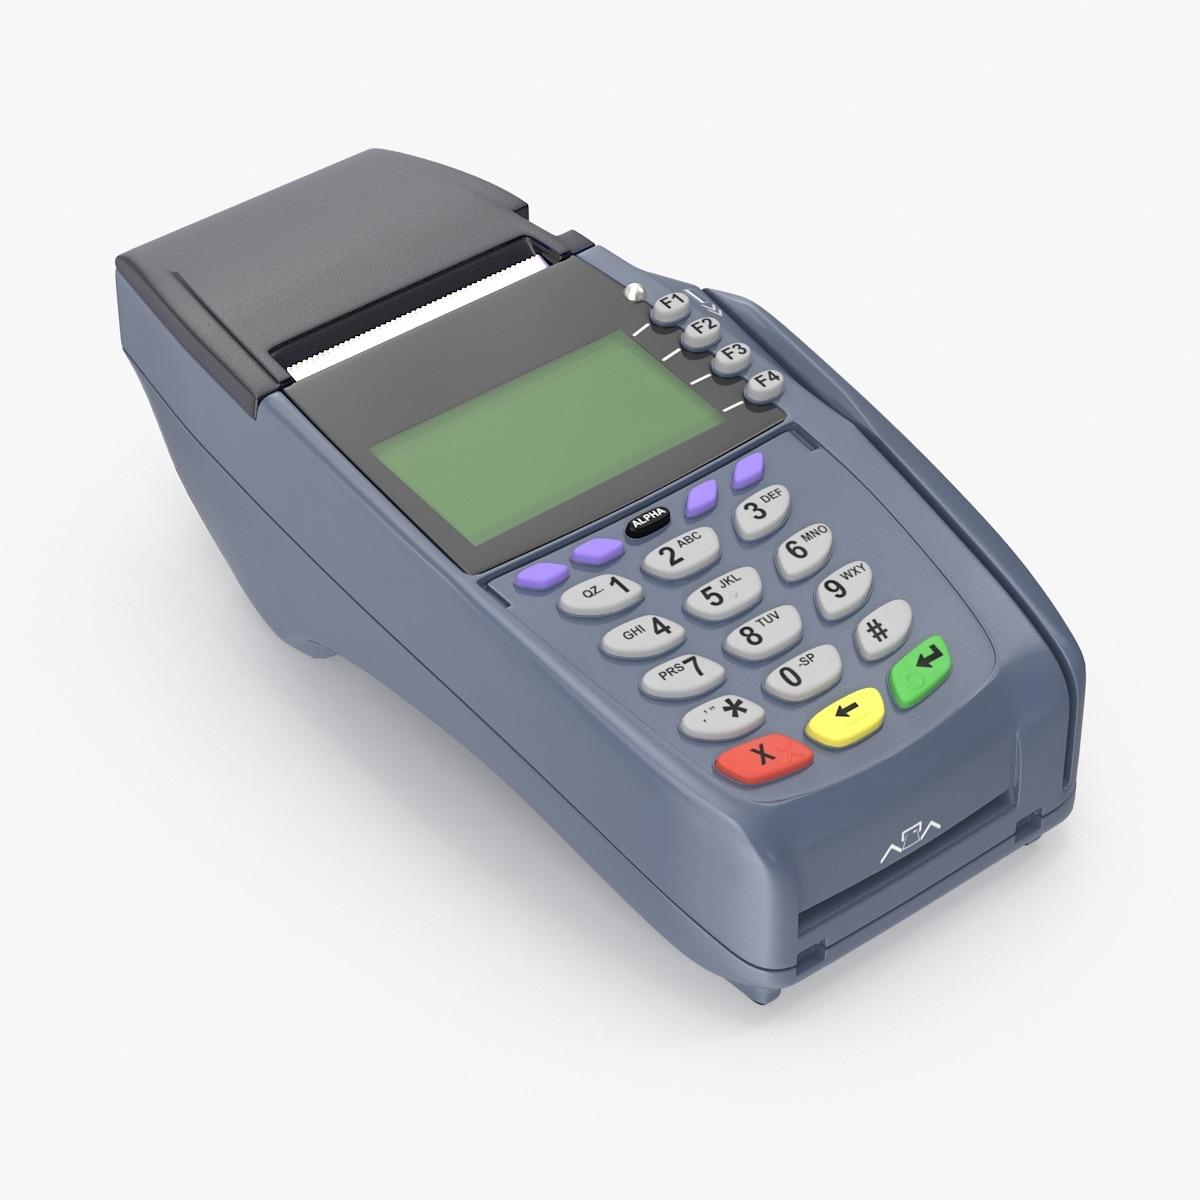 Credit_Card_Terminal_SQRSignature_0000.jpg